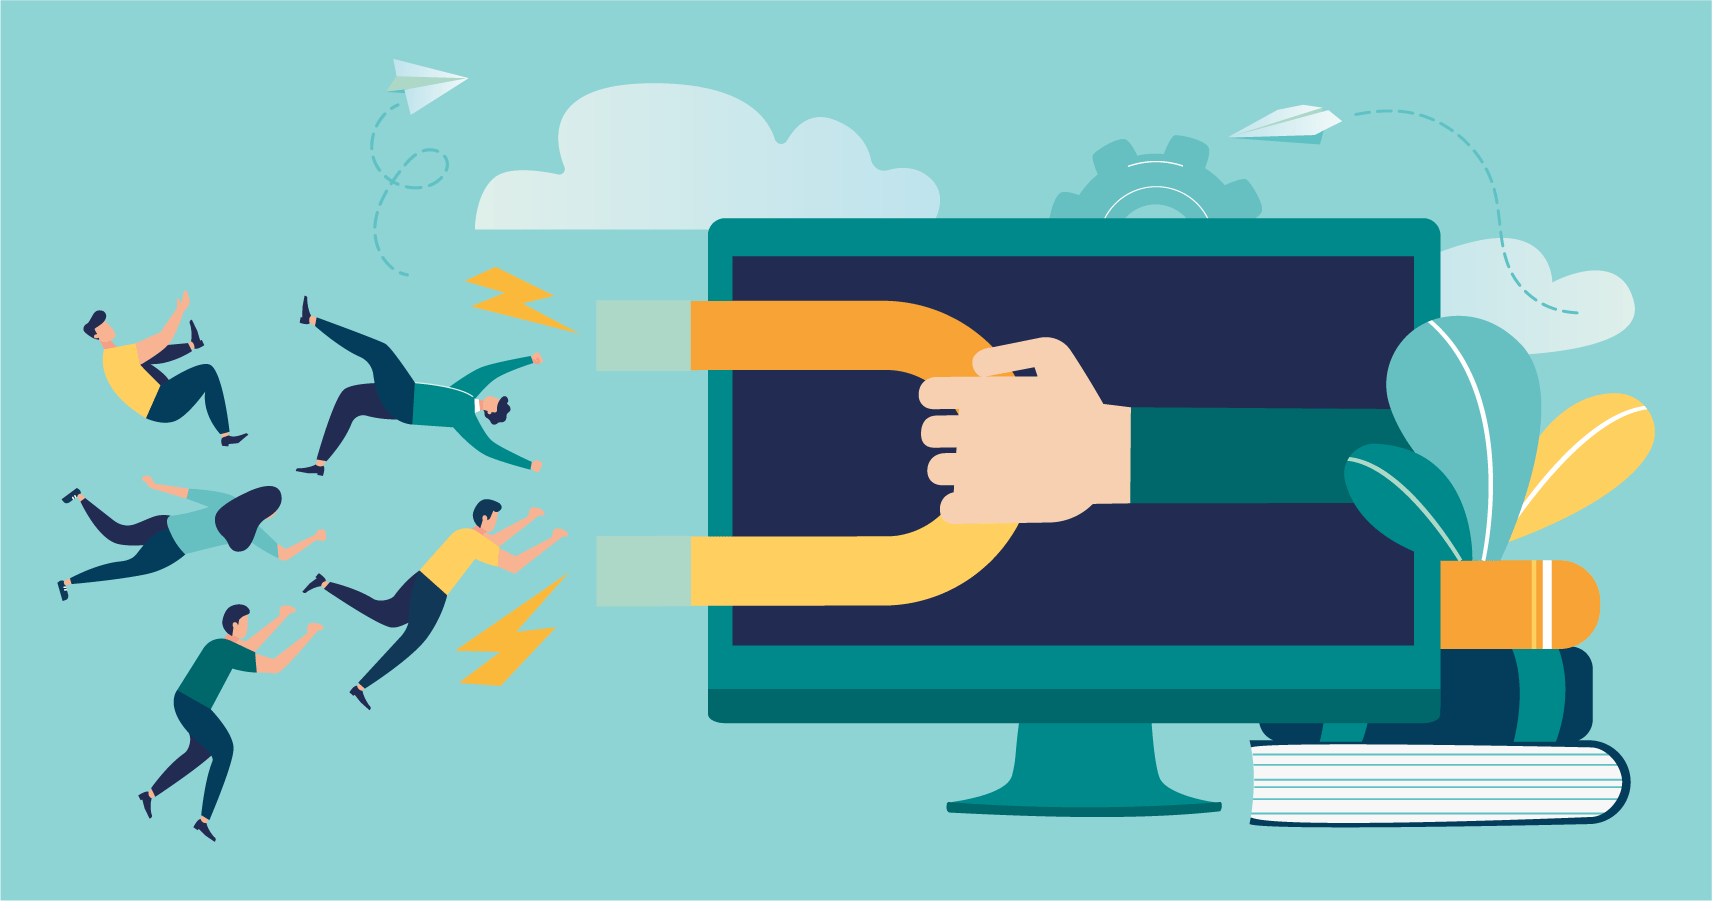 Sito internet hackerato - Background